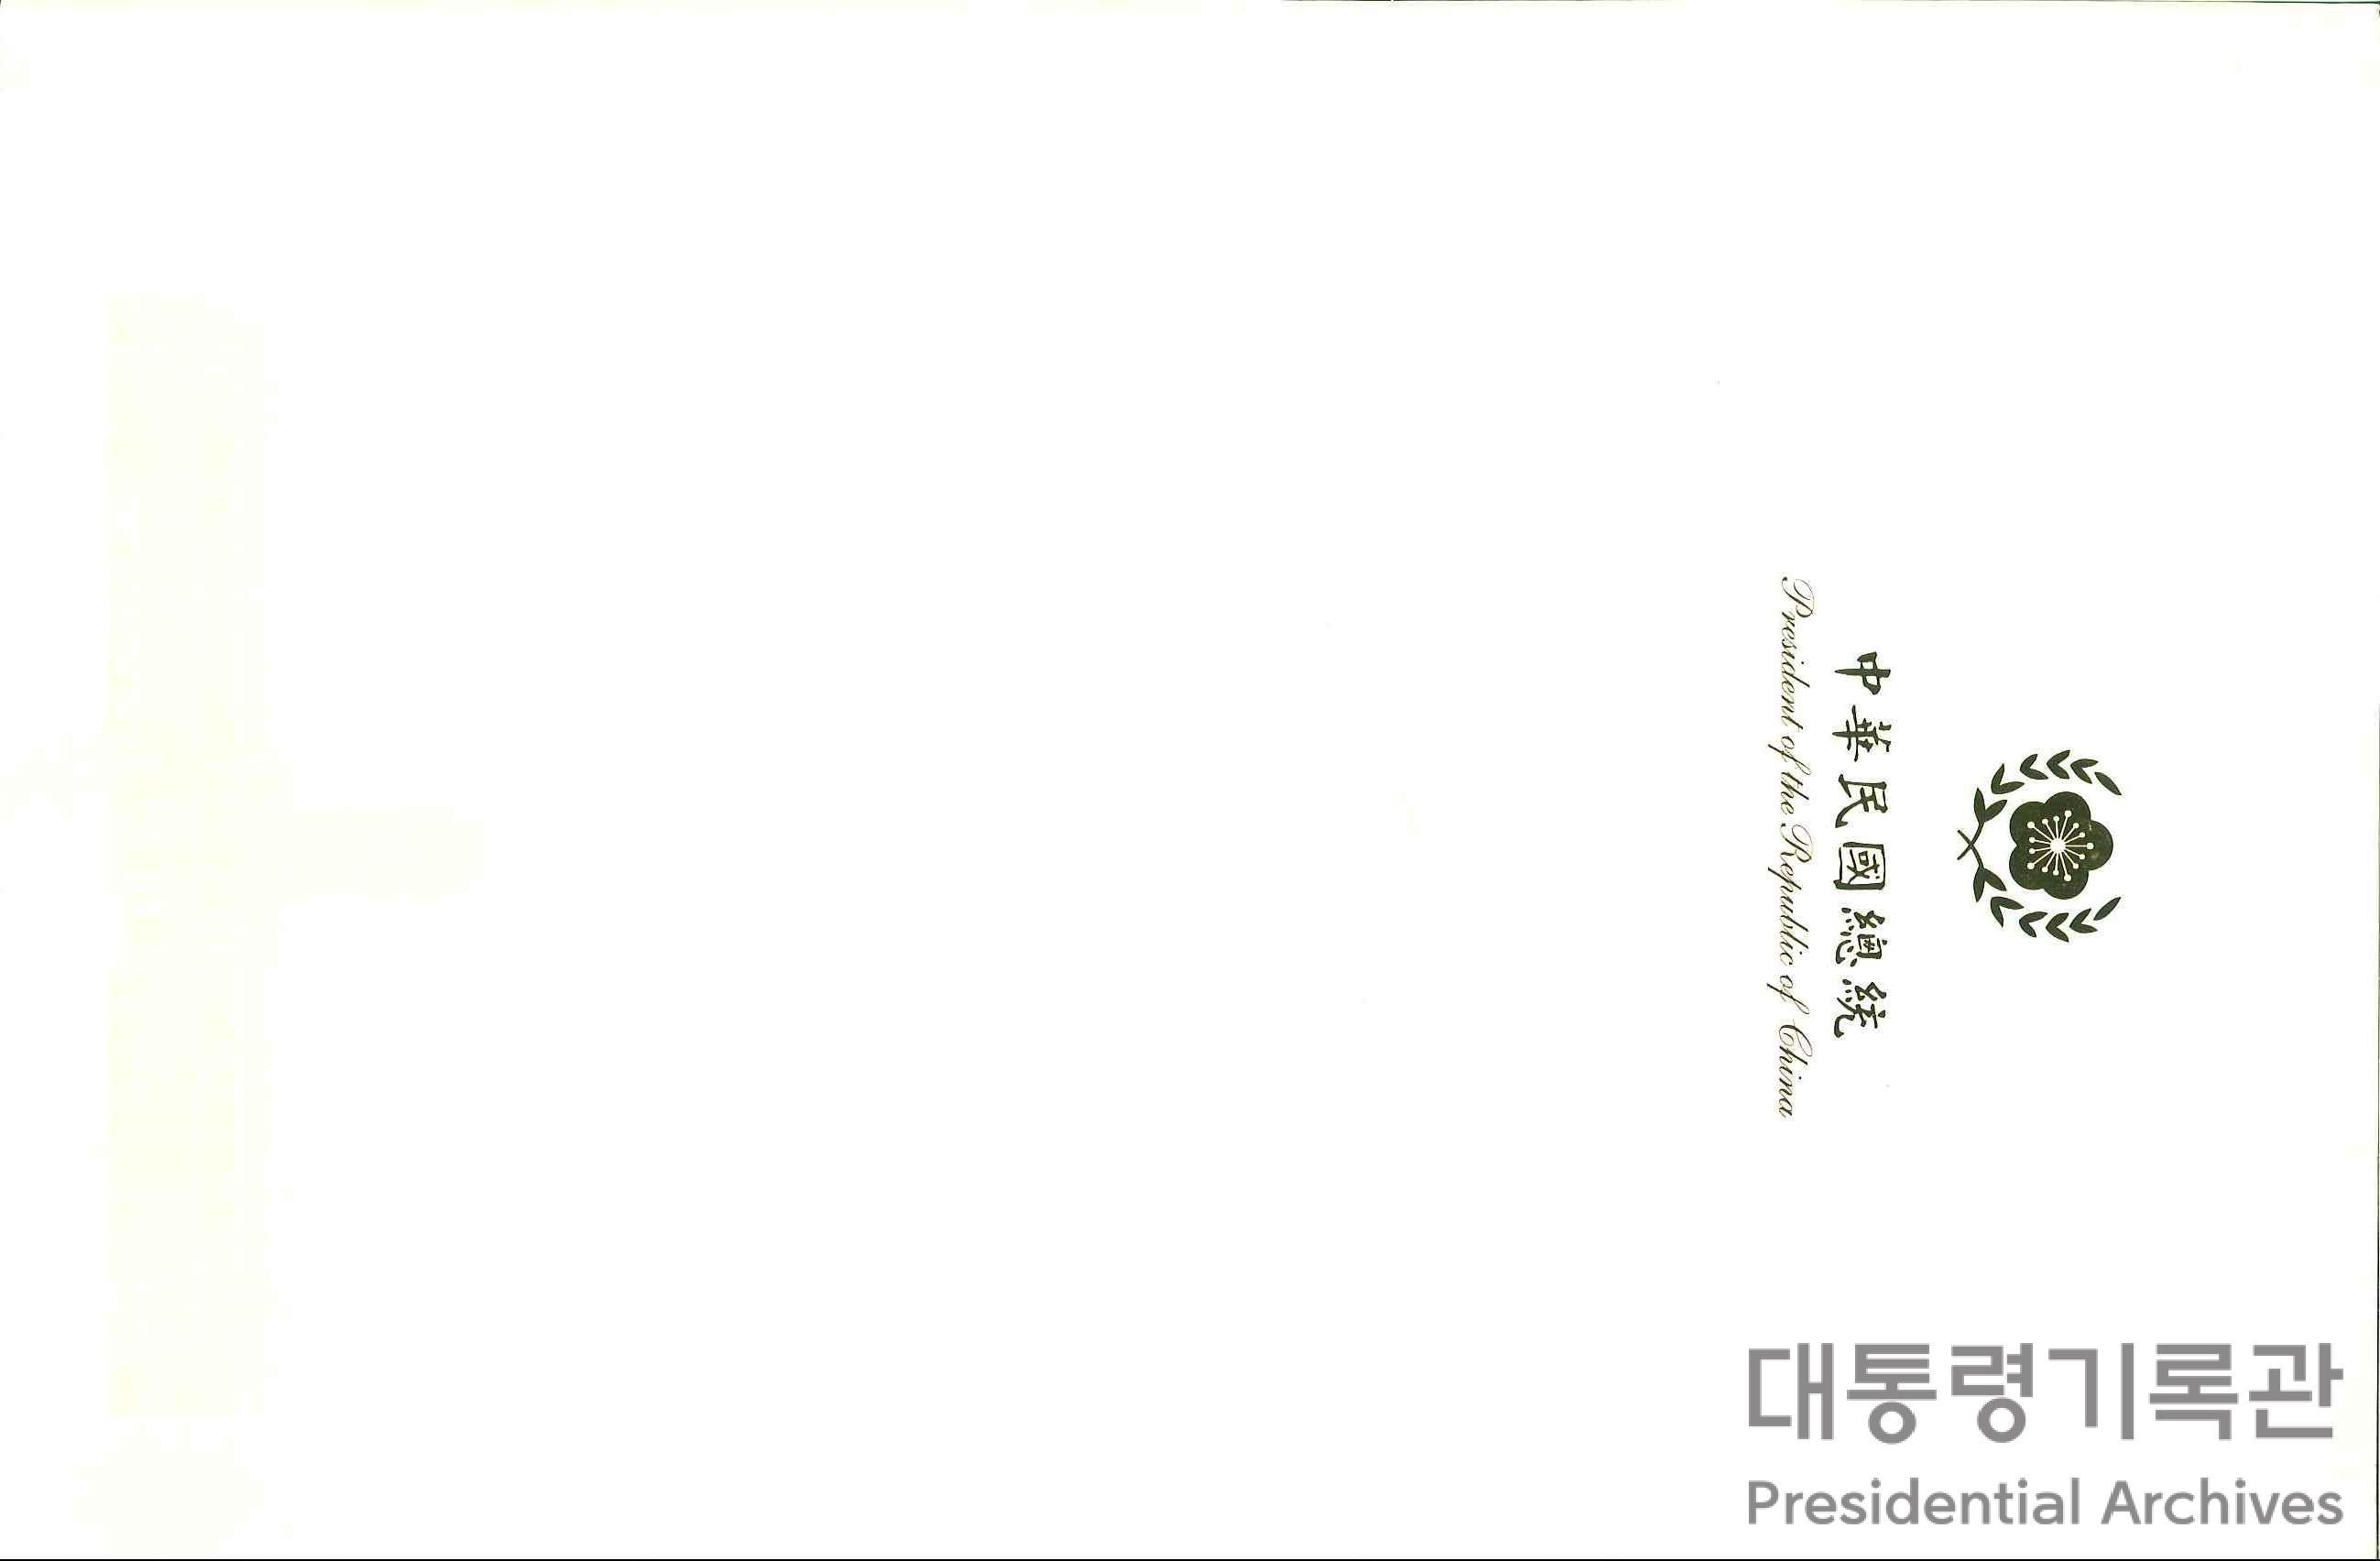 천수이벤(陳水扁) 대만 총통이 보낸 취임축하 친서